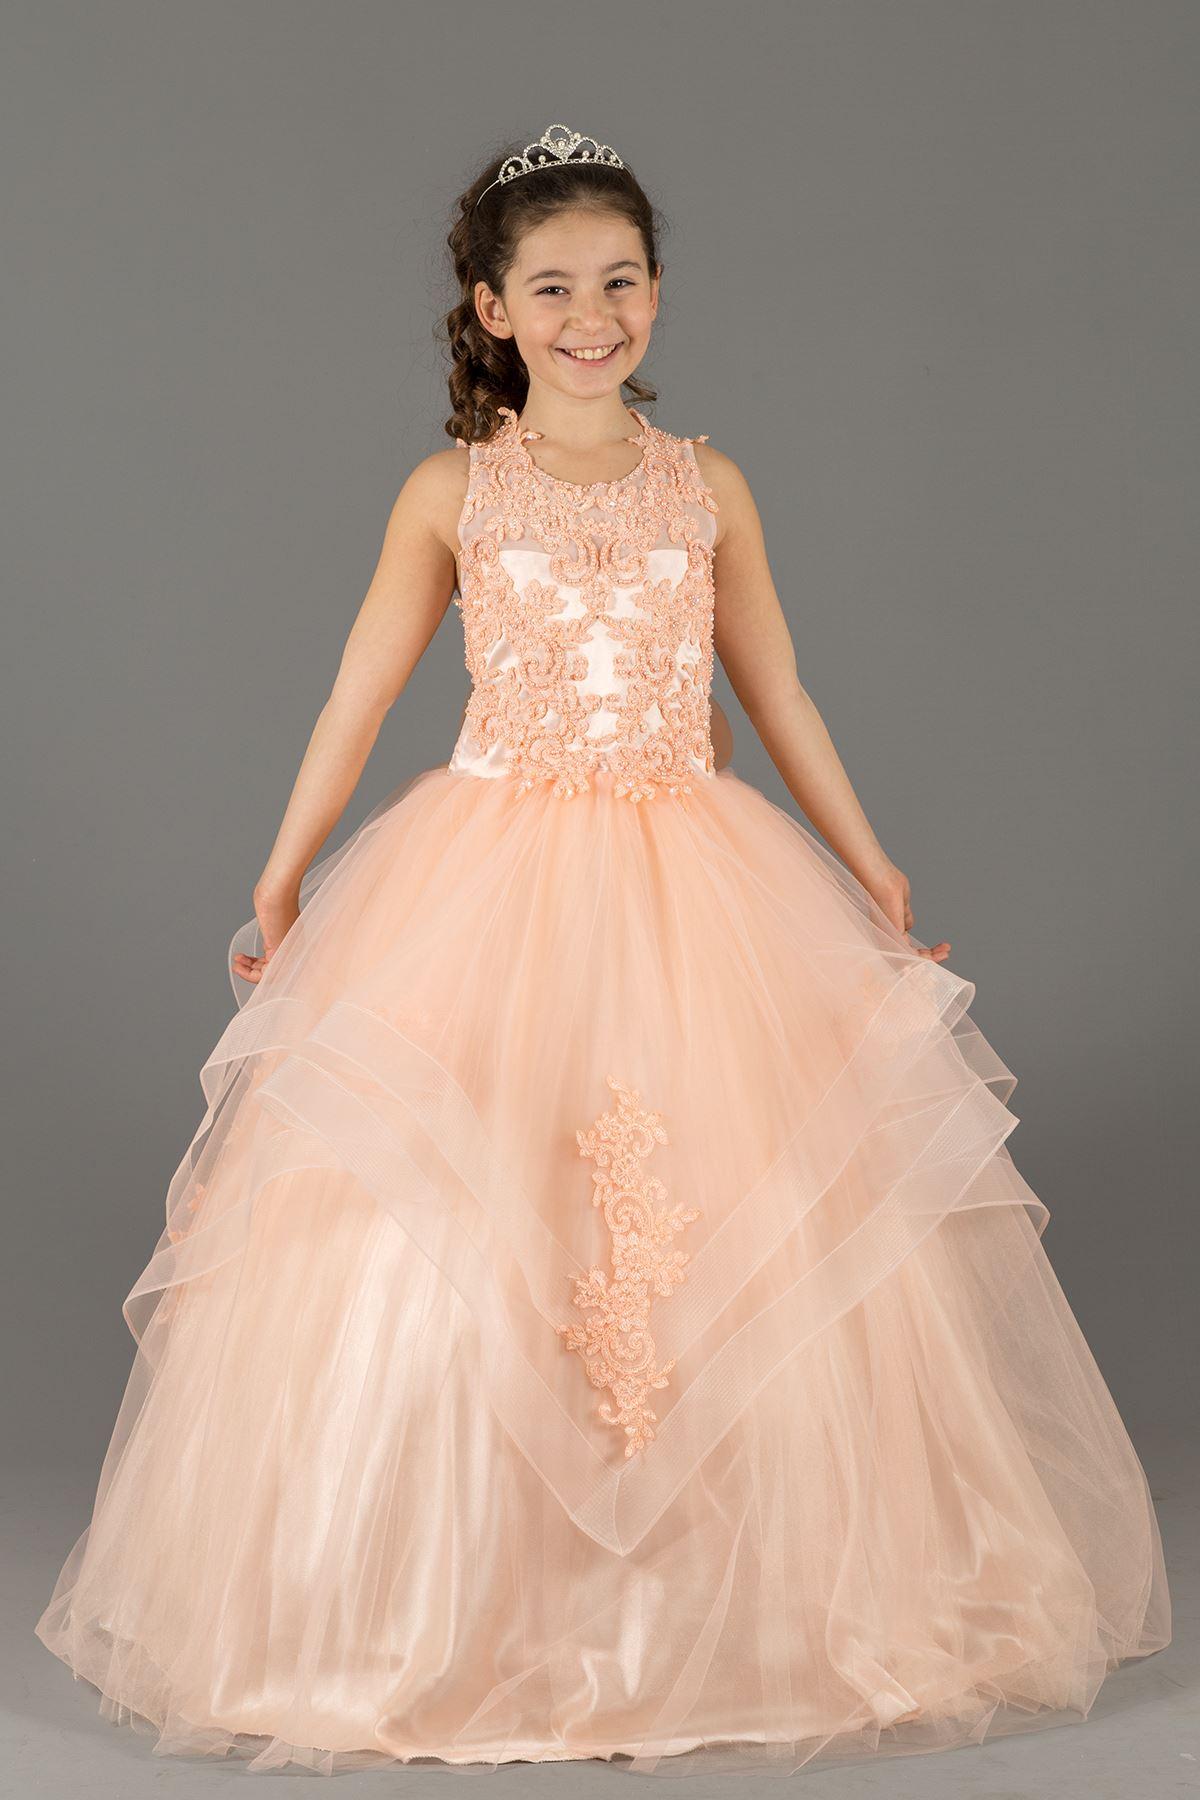 Vestido de noche mullido de la muchacha con los detalles acodados de la falda y los Appliques bordados 578 salmón